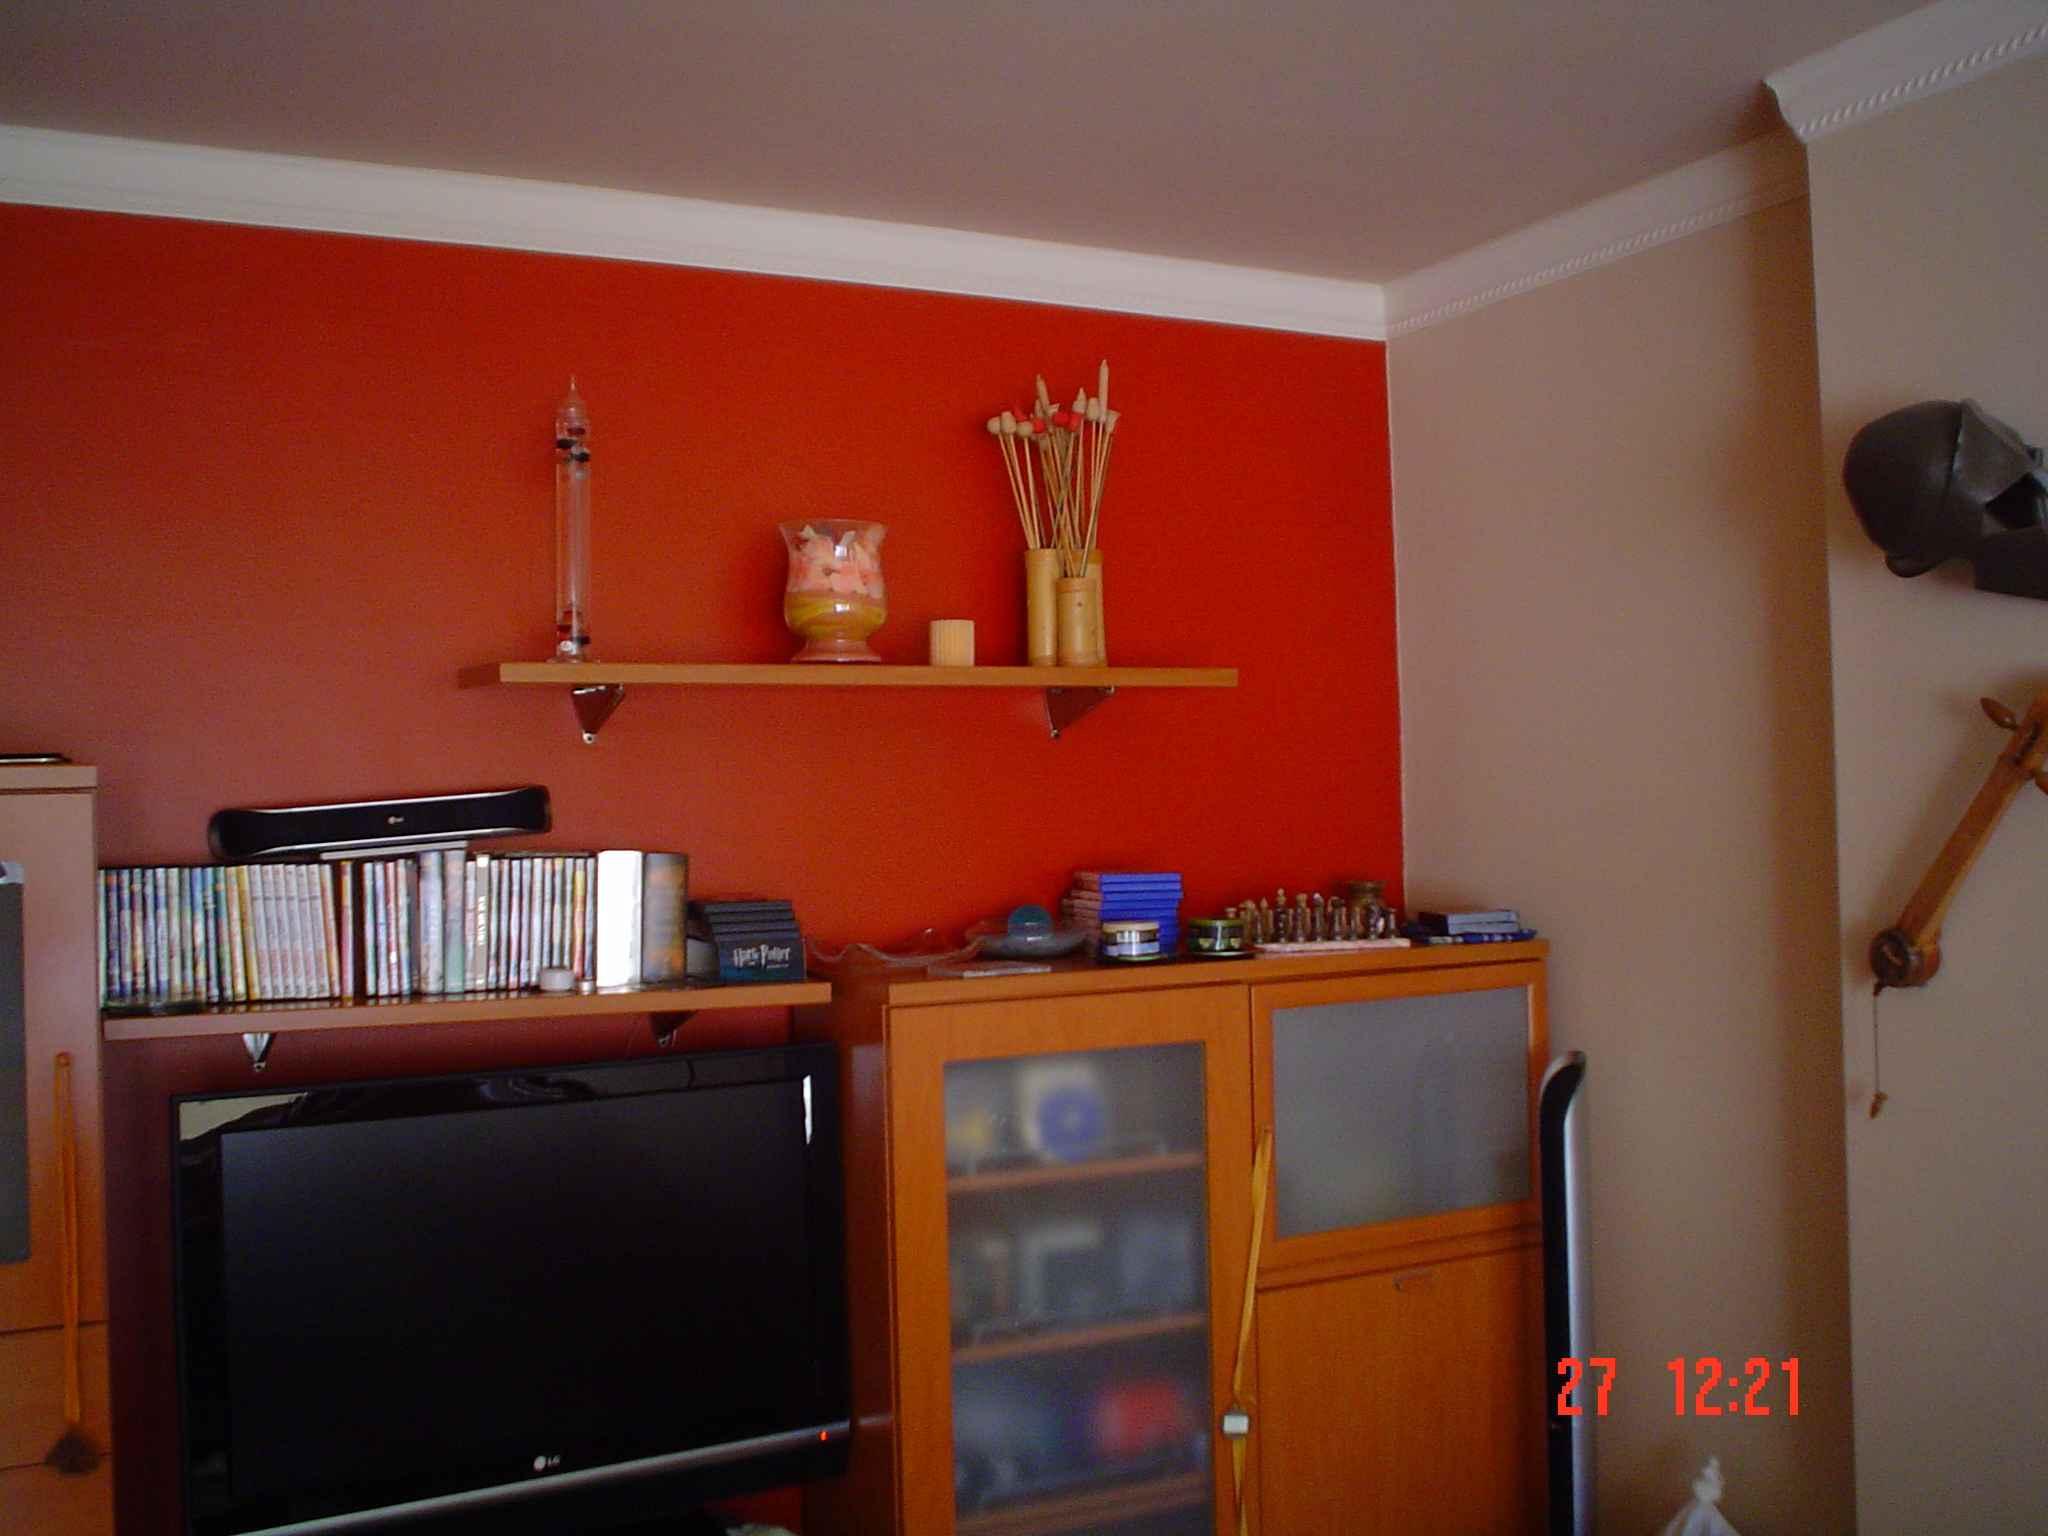 Pintor en terrassa josep m ros pintura decorativa e for Pintura especial para cocinas